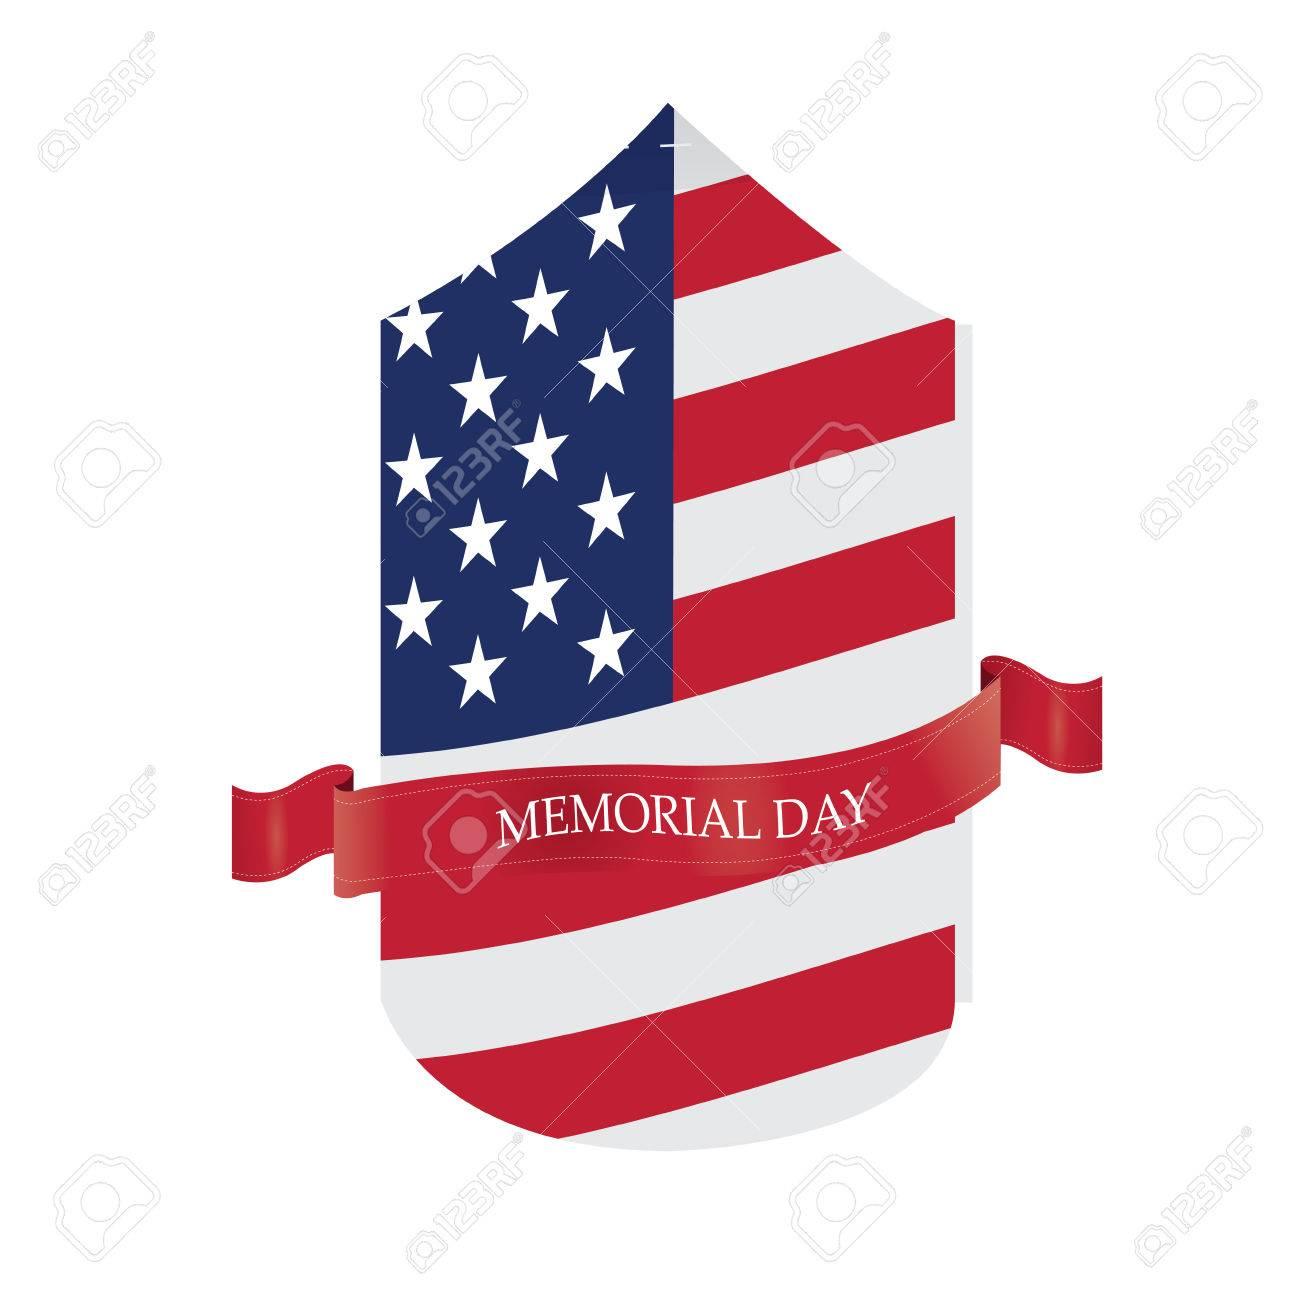 Medalla Aislada Con La Bandera Americana Y Una Cinta Con El Texto ...